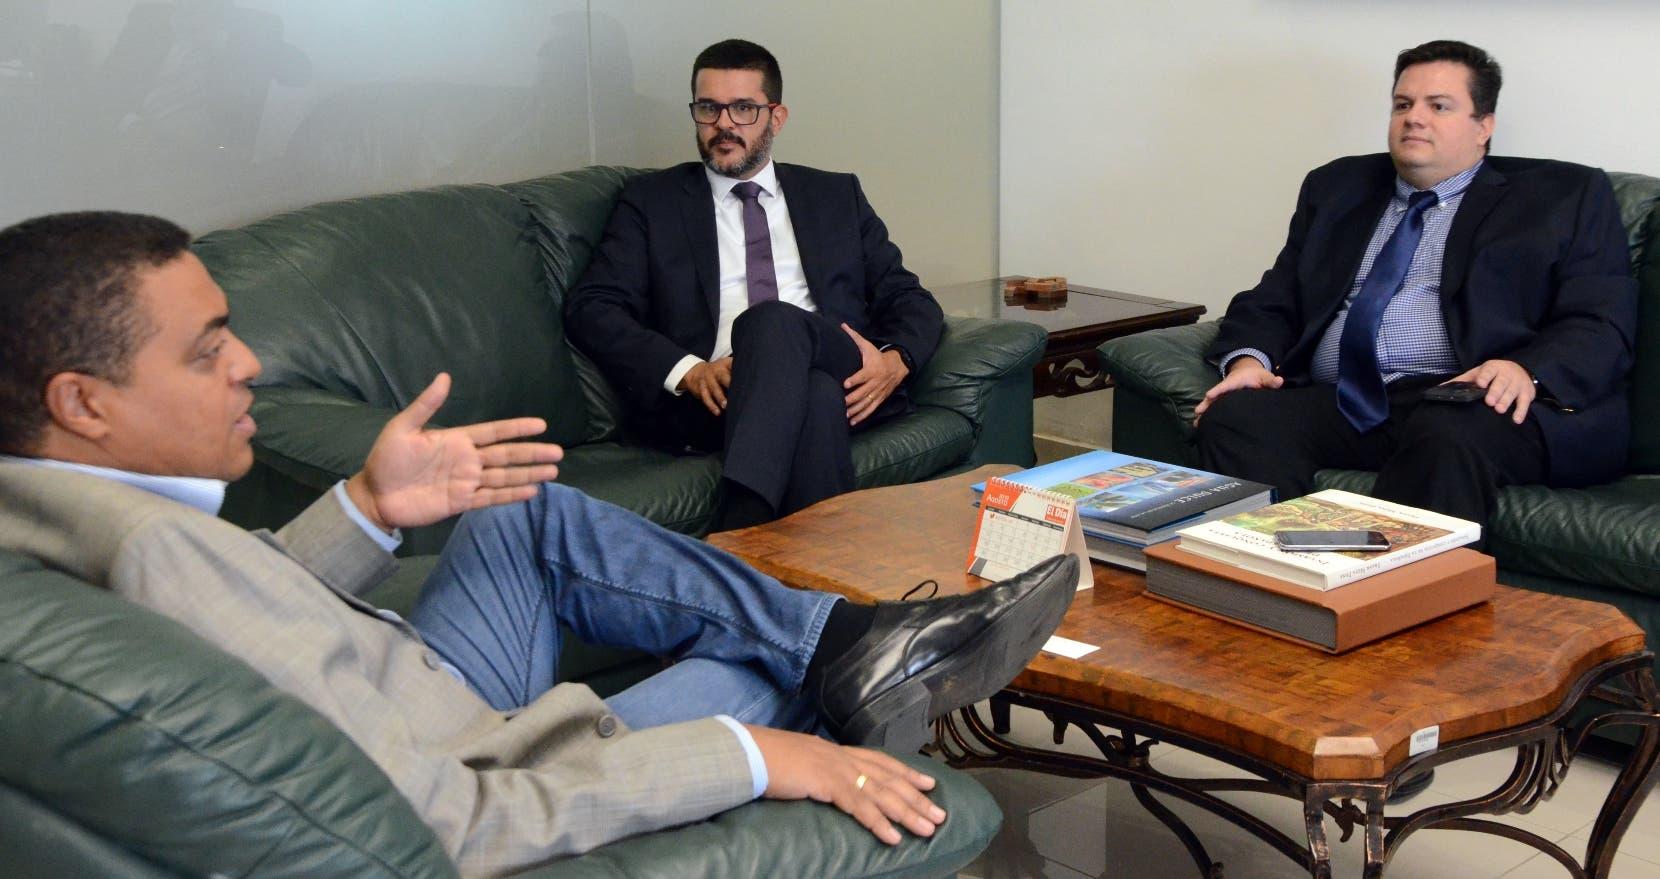 Gabriel Pascual, director de  Mastercard, y Marcus Carmo en visita al director de EL DÍA, José Monegro.  FOTO: Jorge González